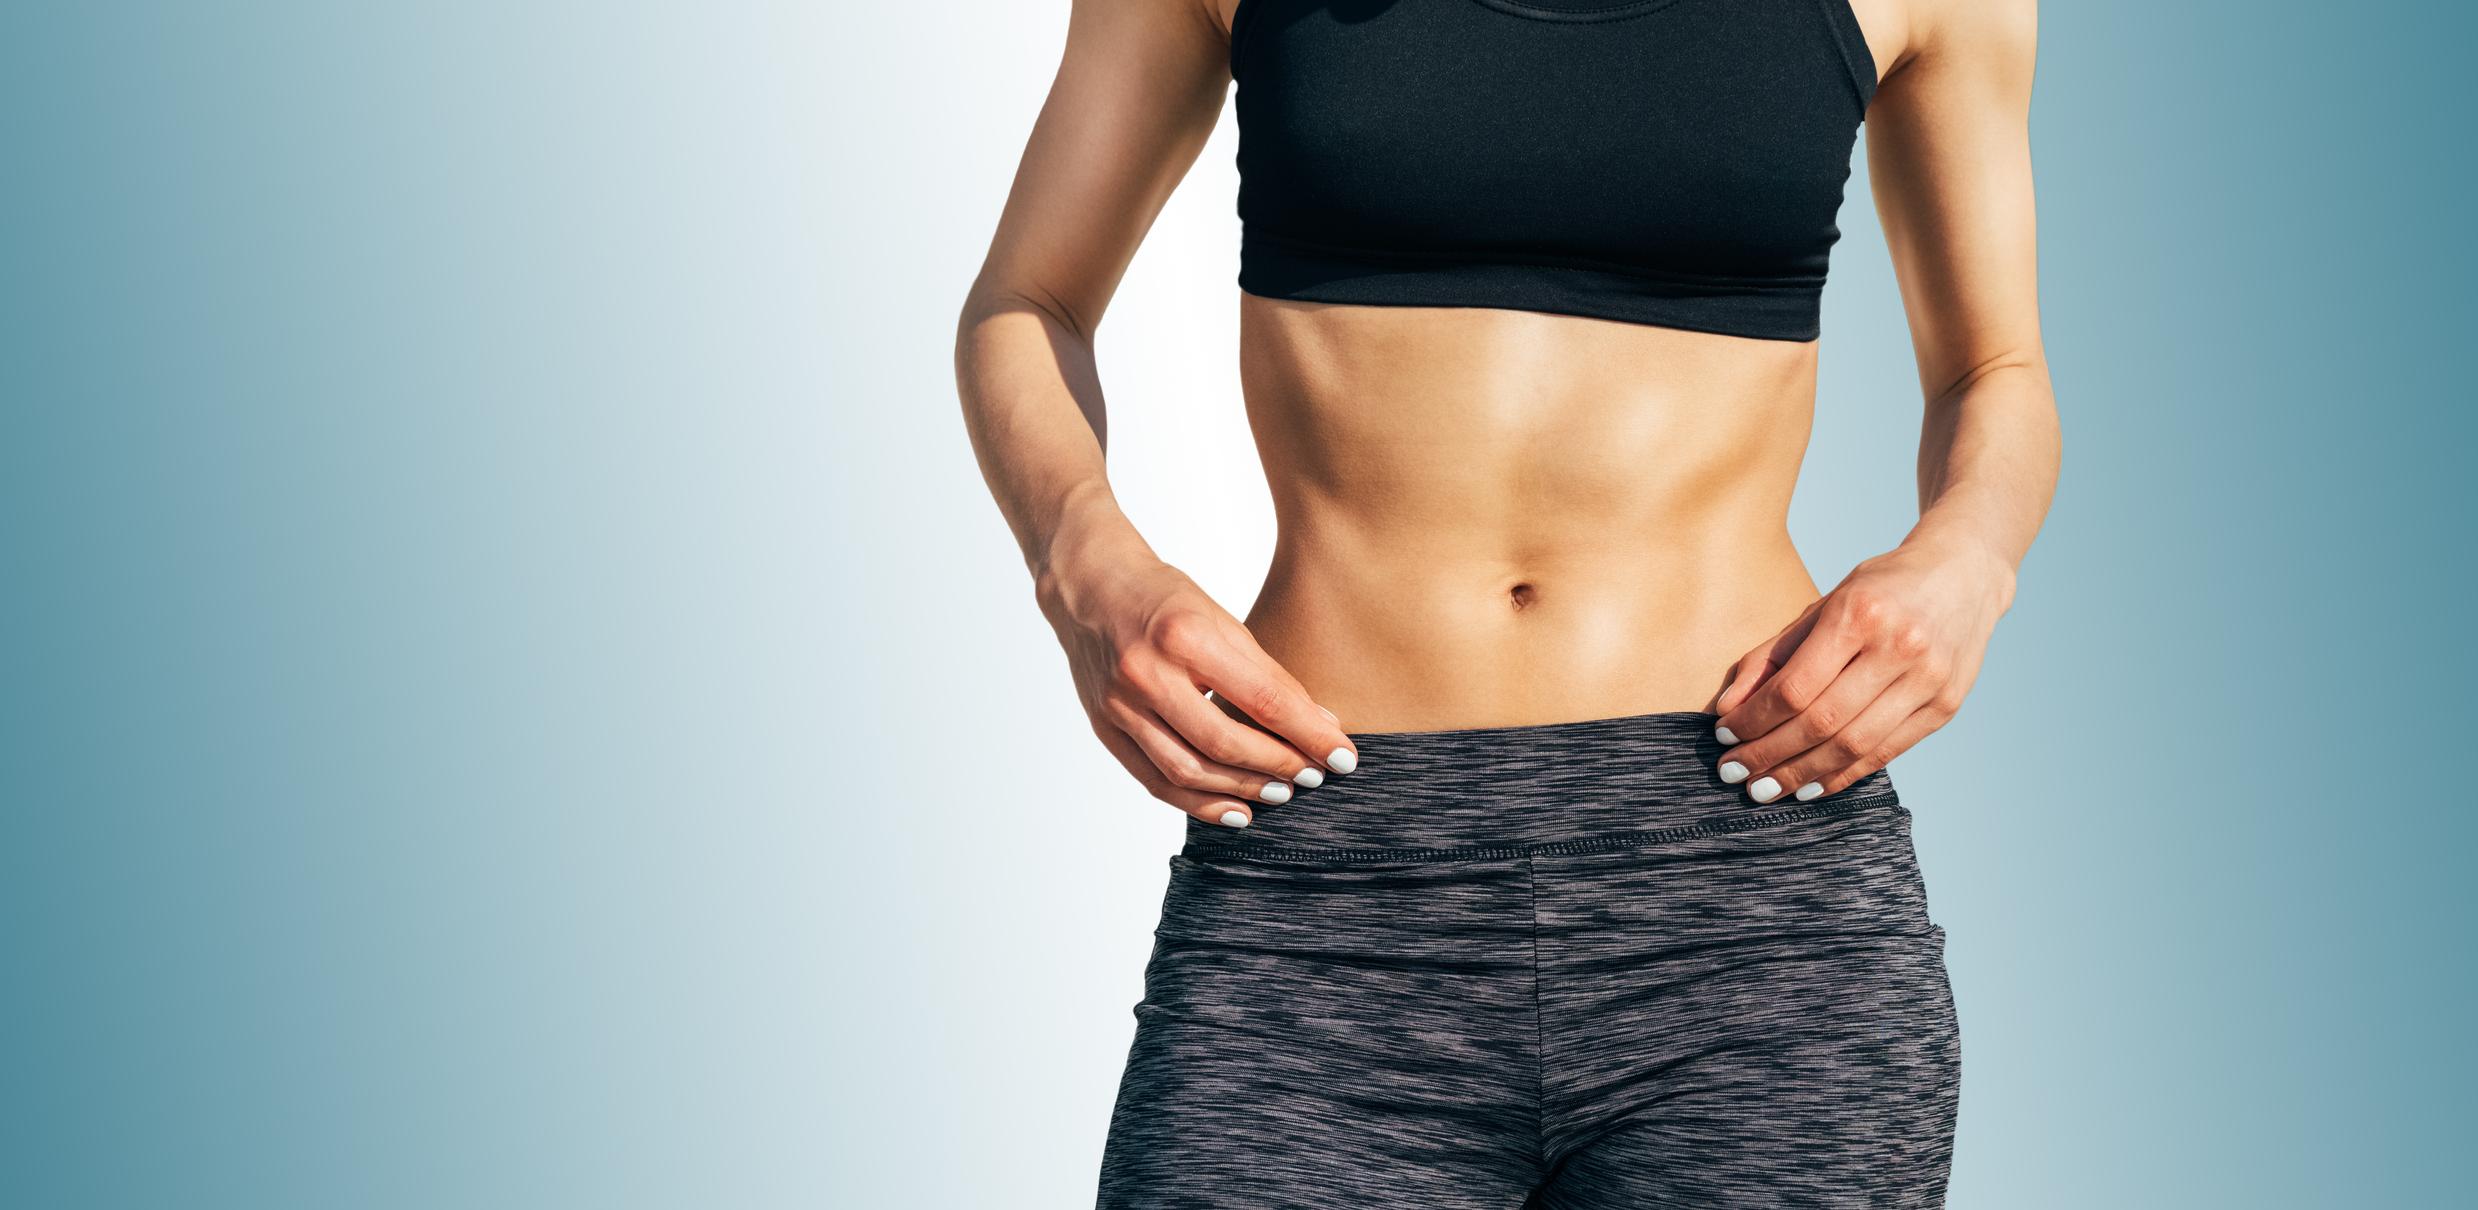 Dieta para ganar mucha masa muscular